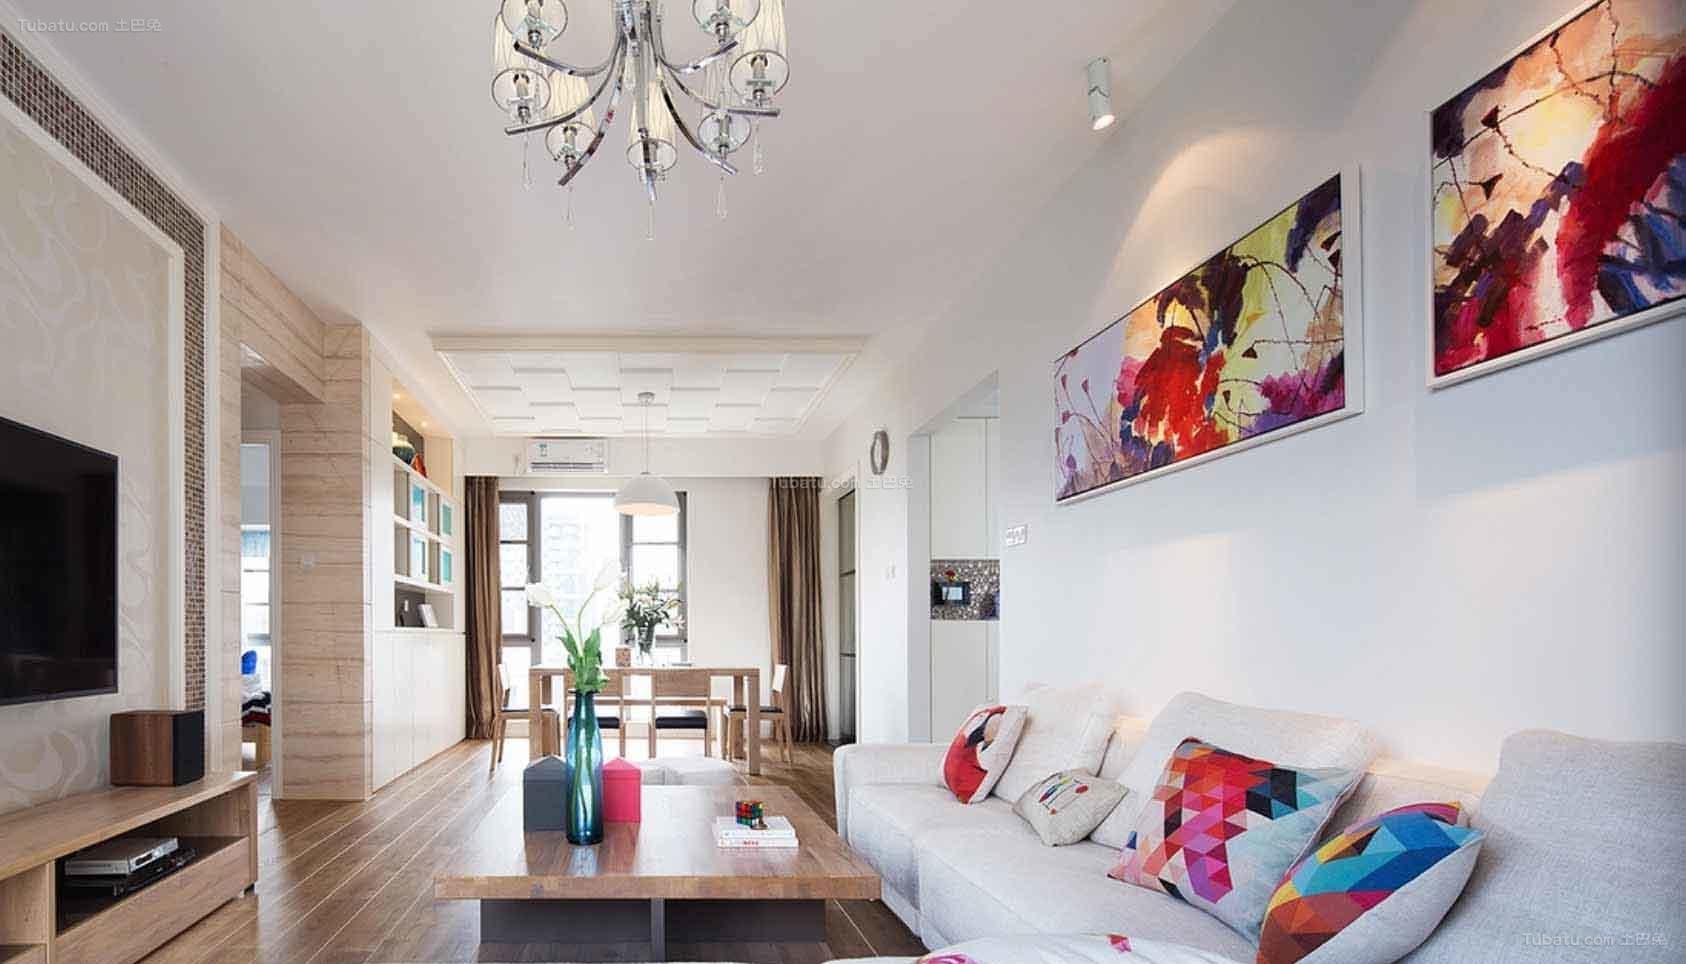 淡雅时尚简约风格二居室设计效果图